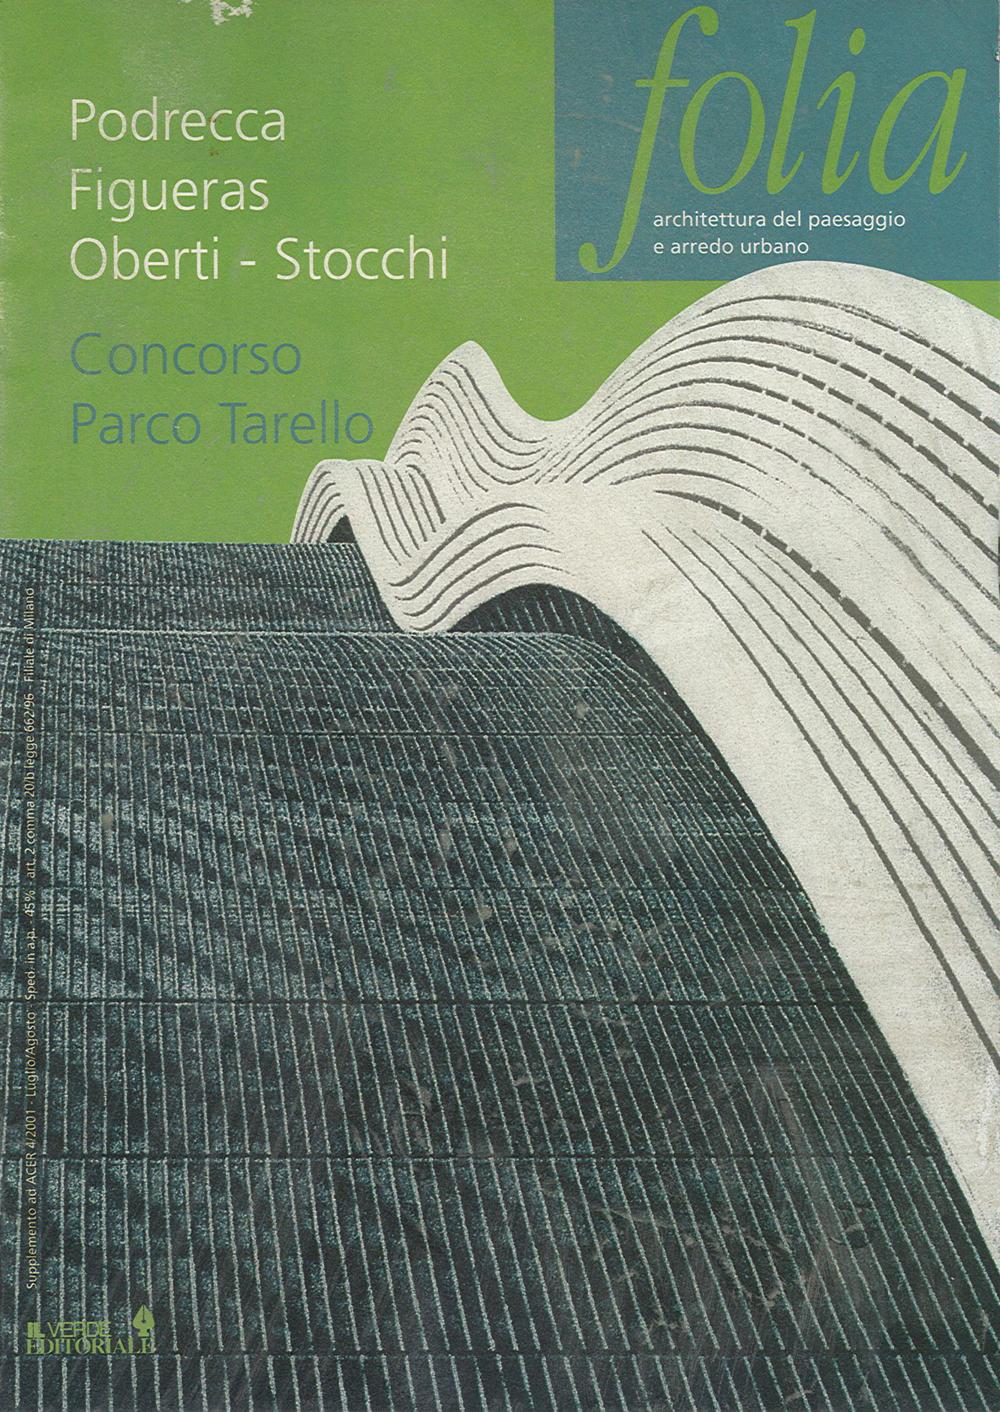 Pubblicazioni - Folia - oberti+oberti   architetti